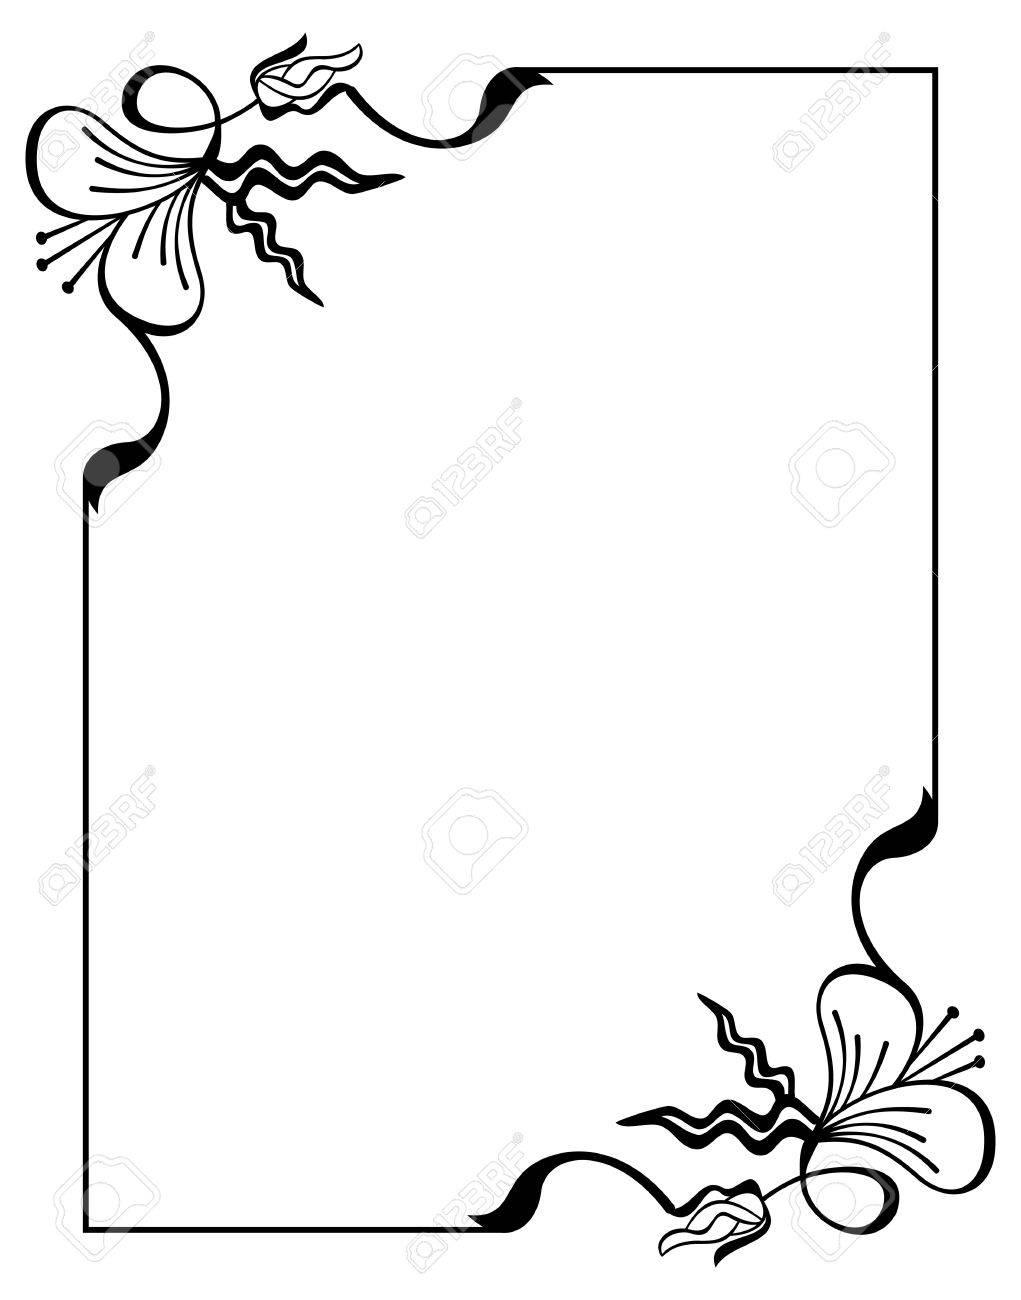 Ausgezeichnet Framing Schwarz Weiß Bilder Ideen - Rahmen Ideen ...